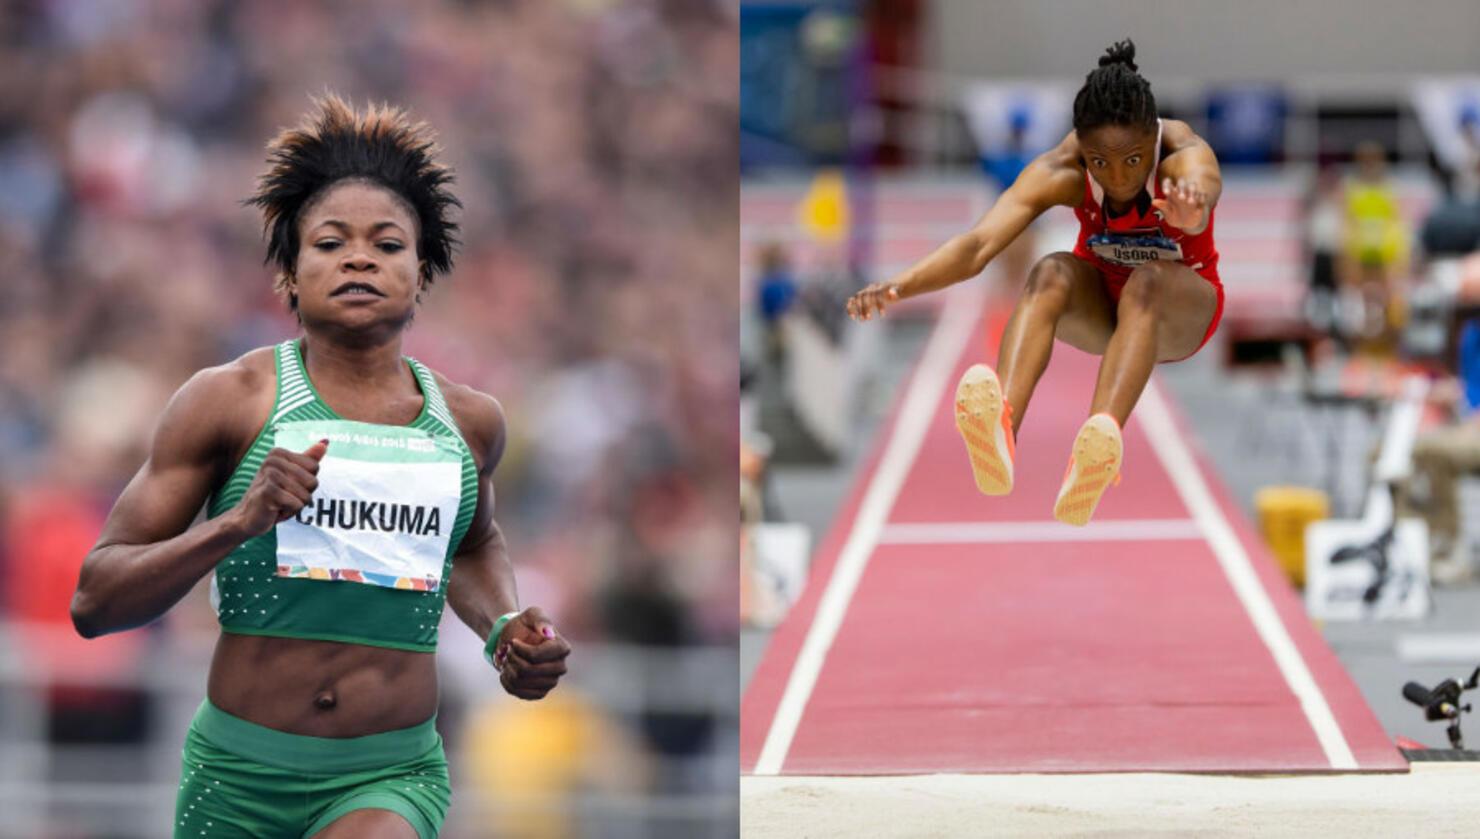 Rosemary Chukwuma and Ruth Usoro